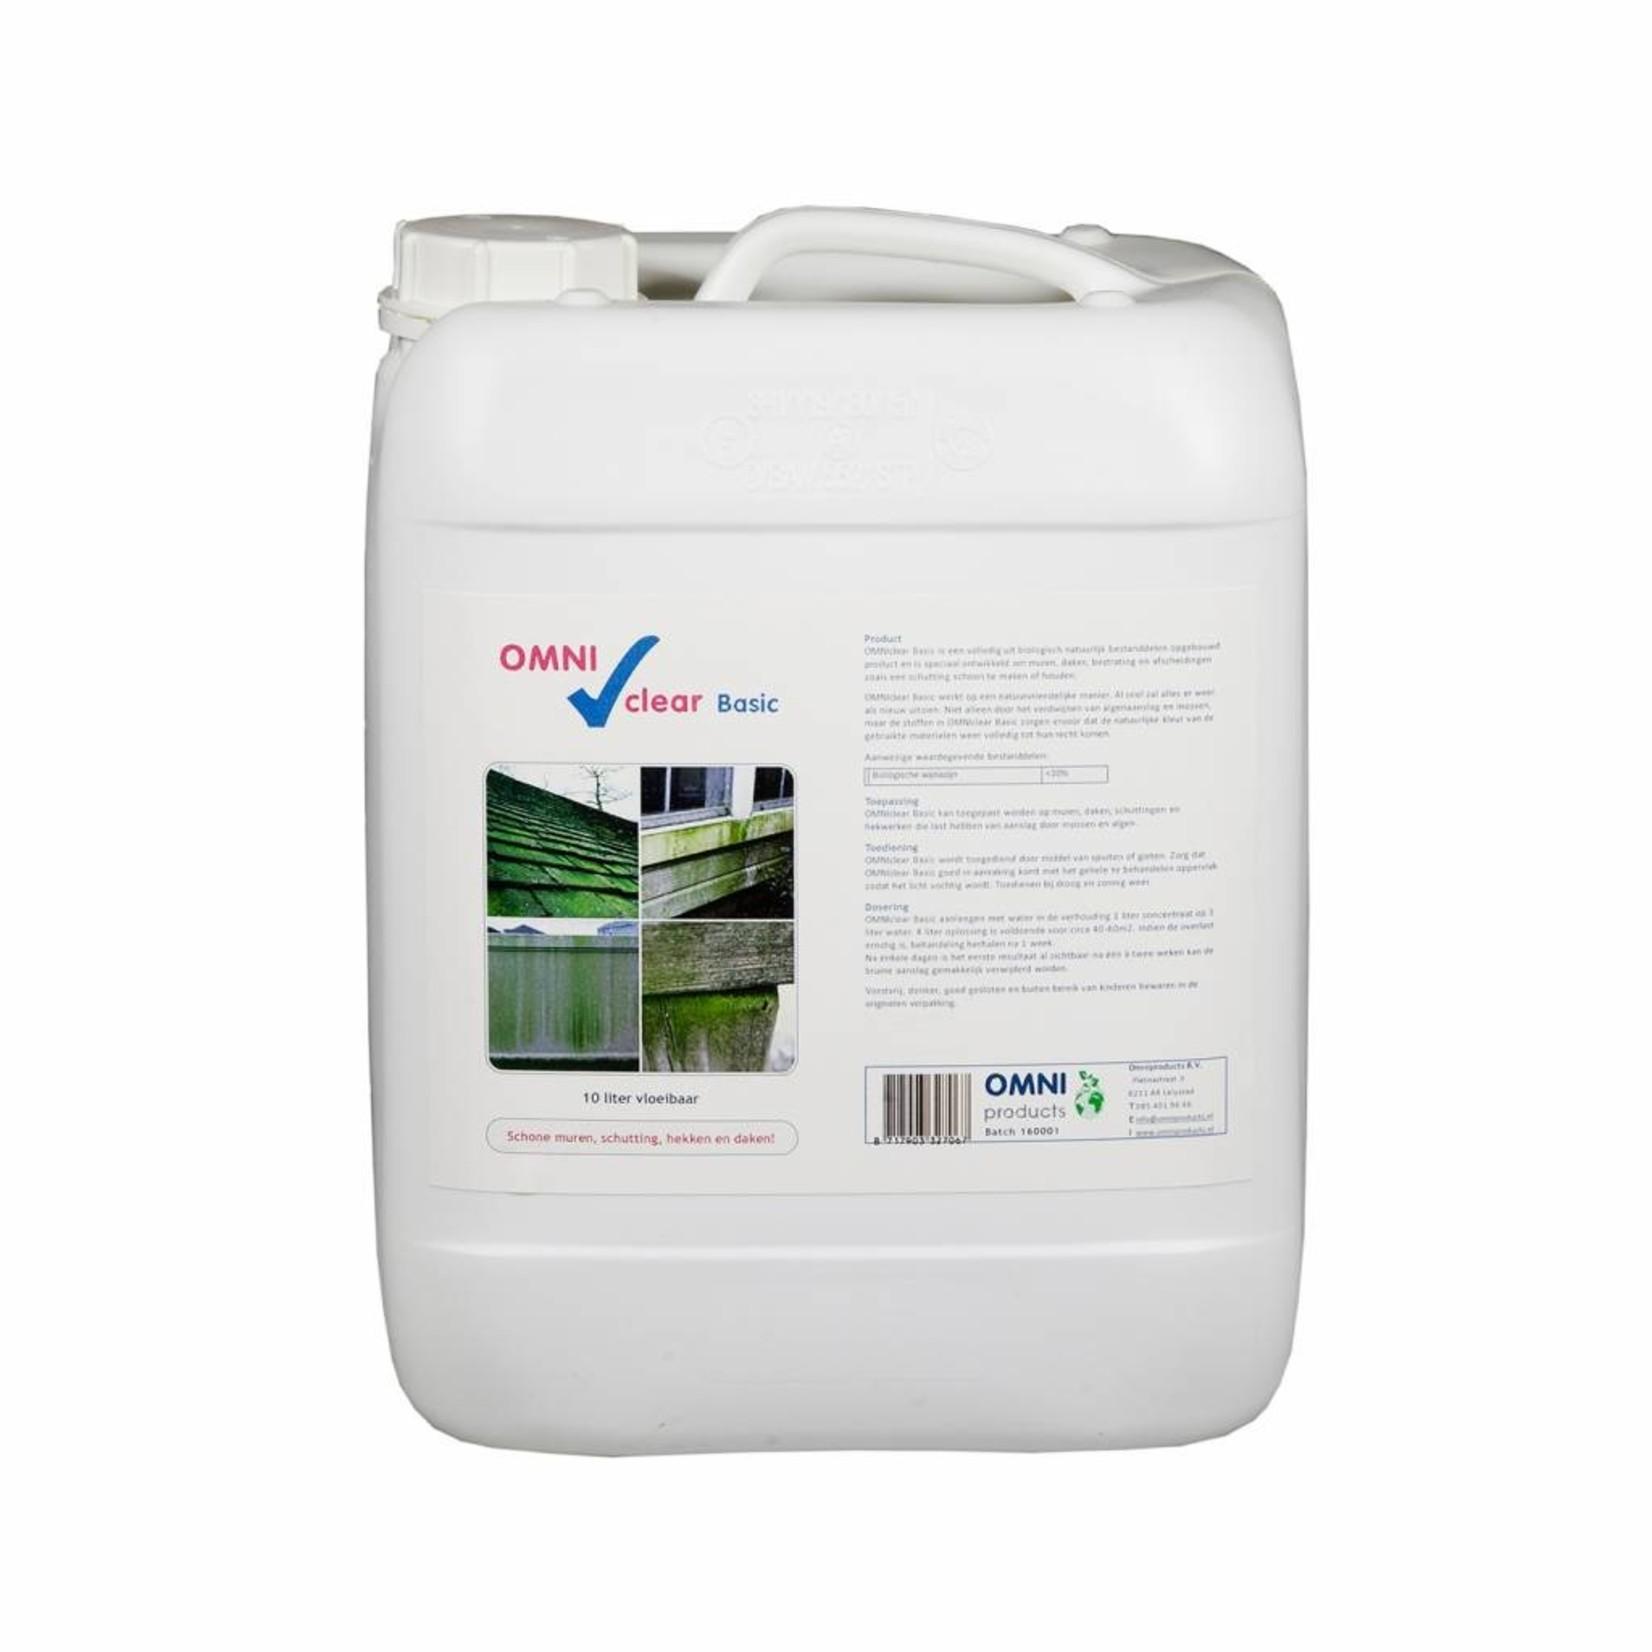 Omni Clear Basic vloeibaar 10 liter (concentraat) tegen groene aanslag en mossen